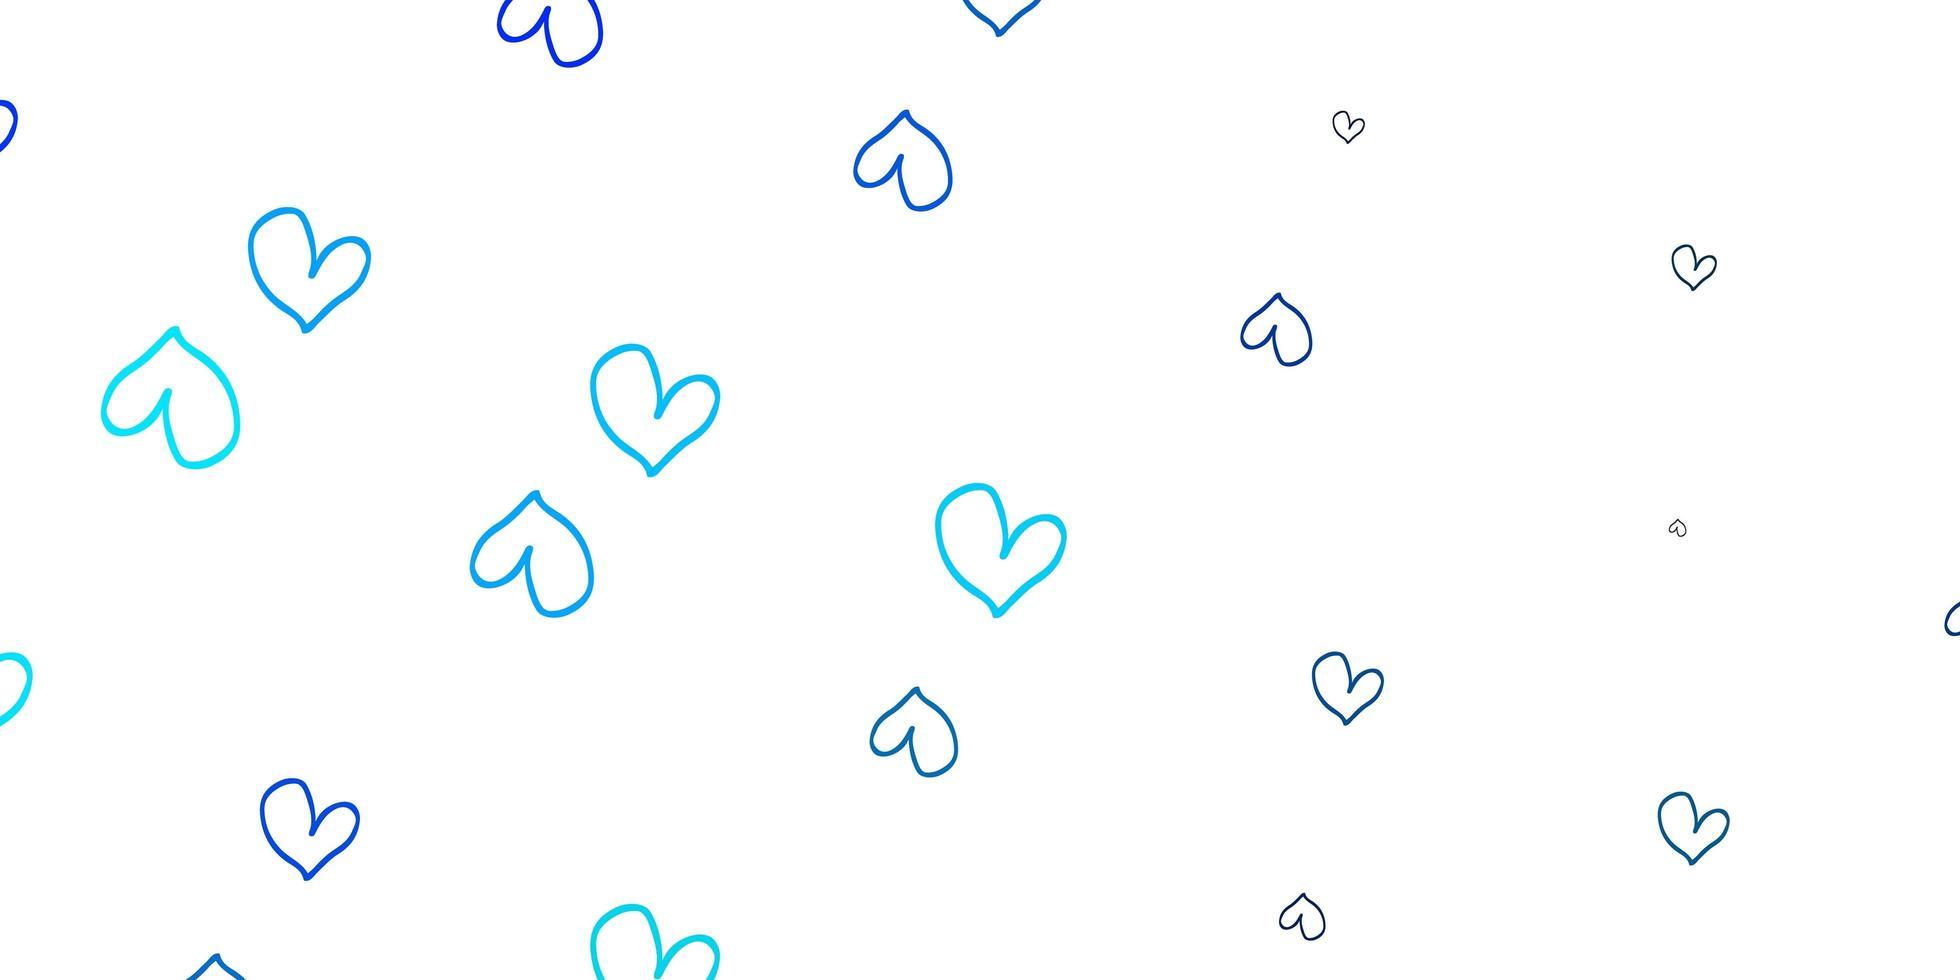 padrão de vetor azul claro com corações coloridos.